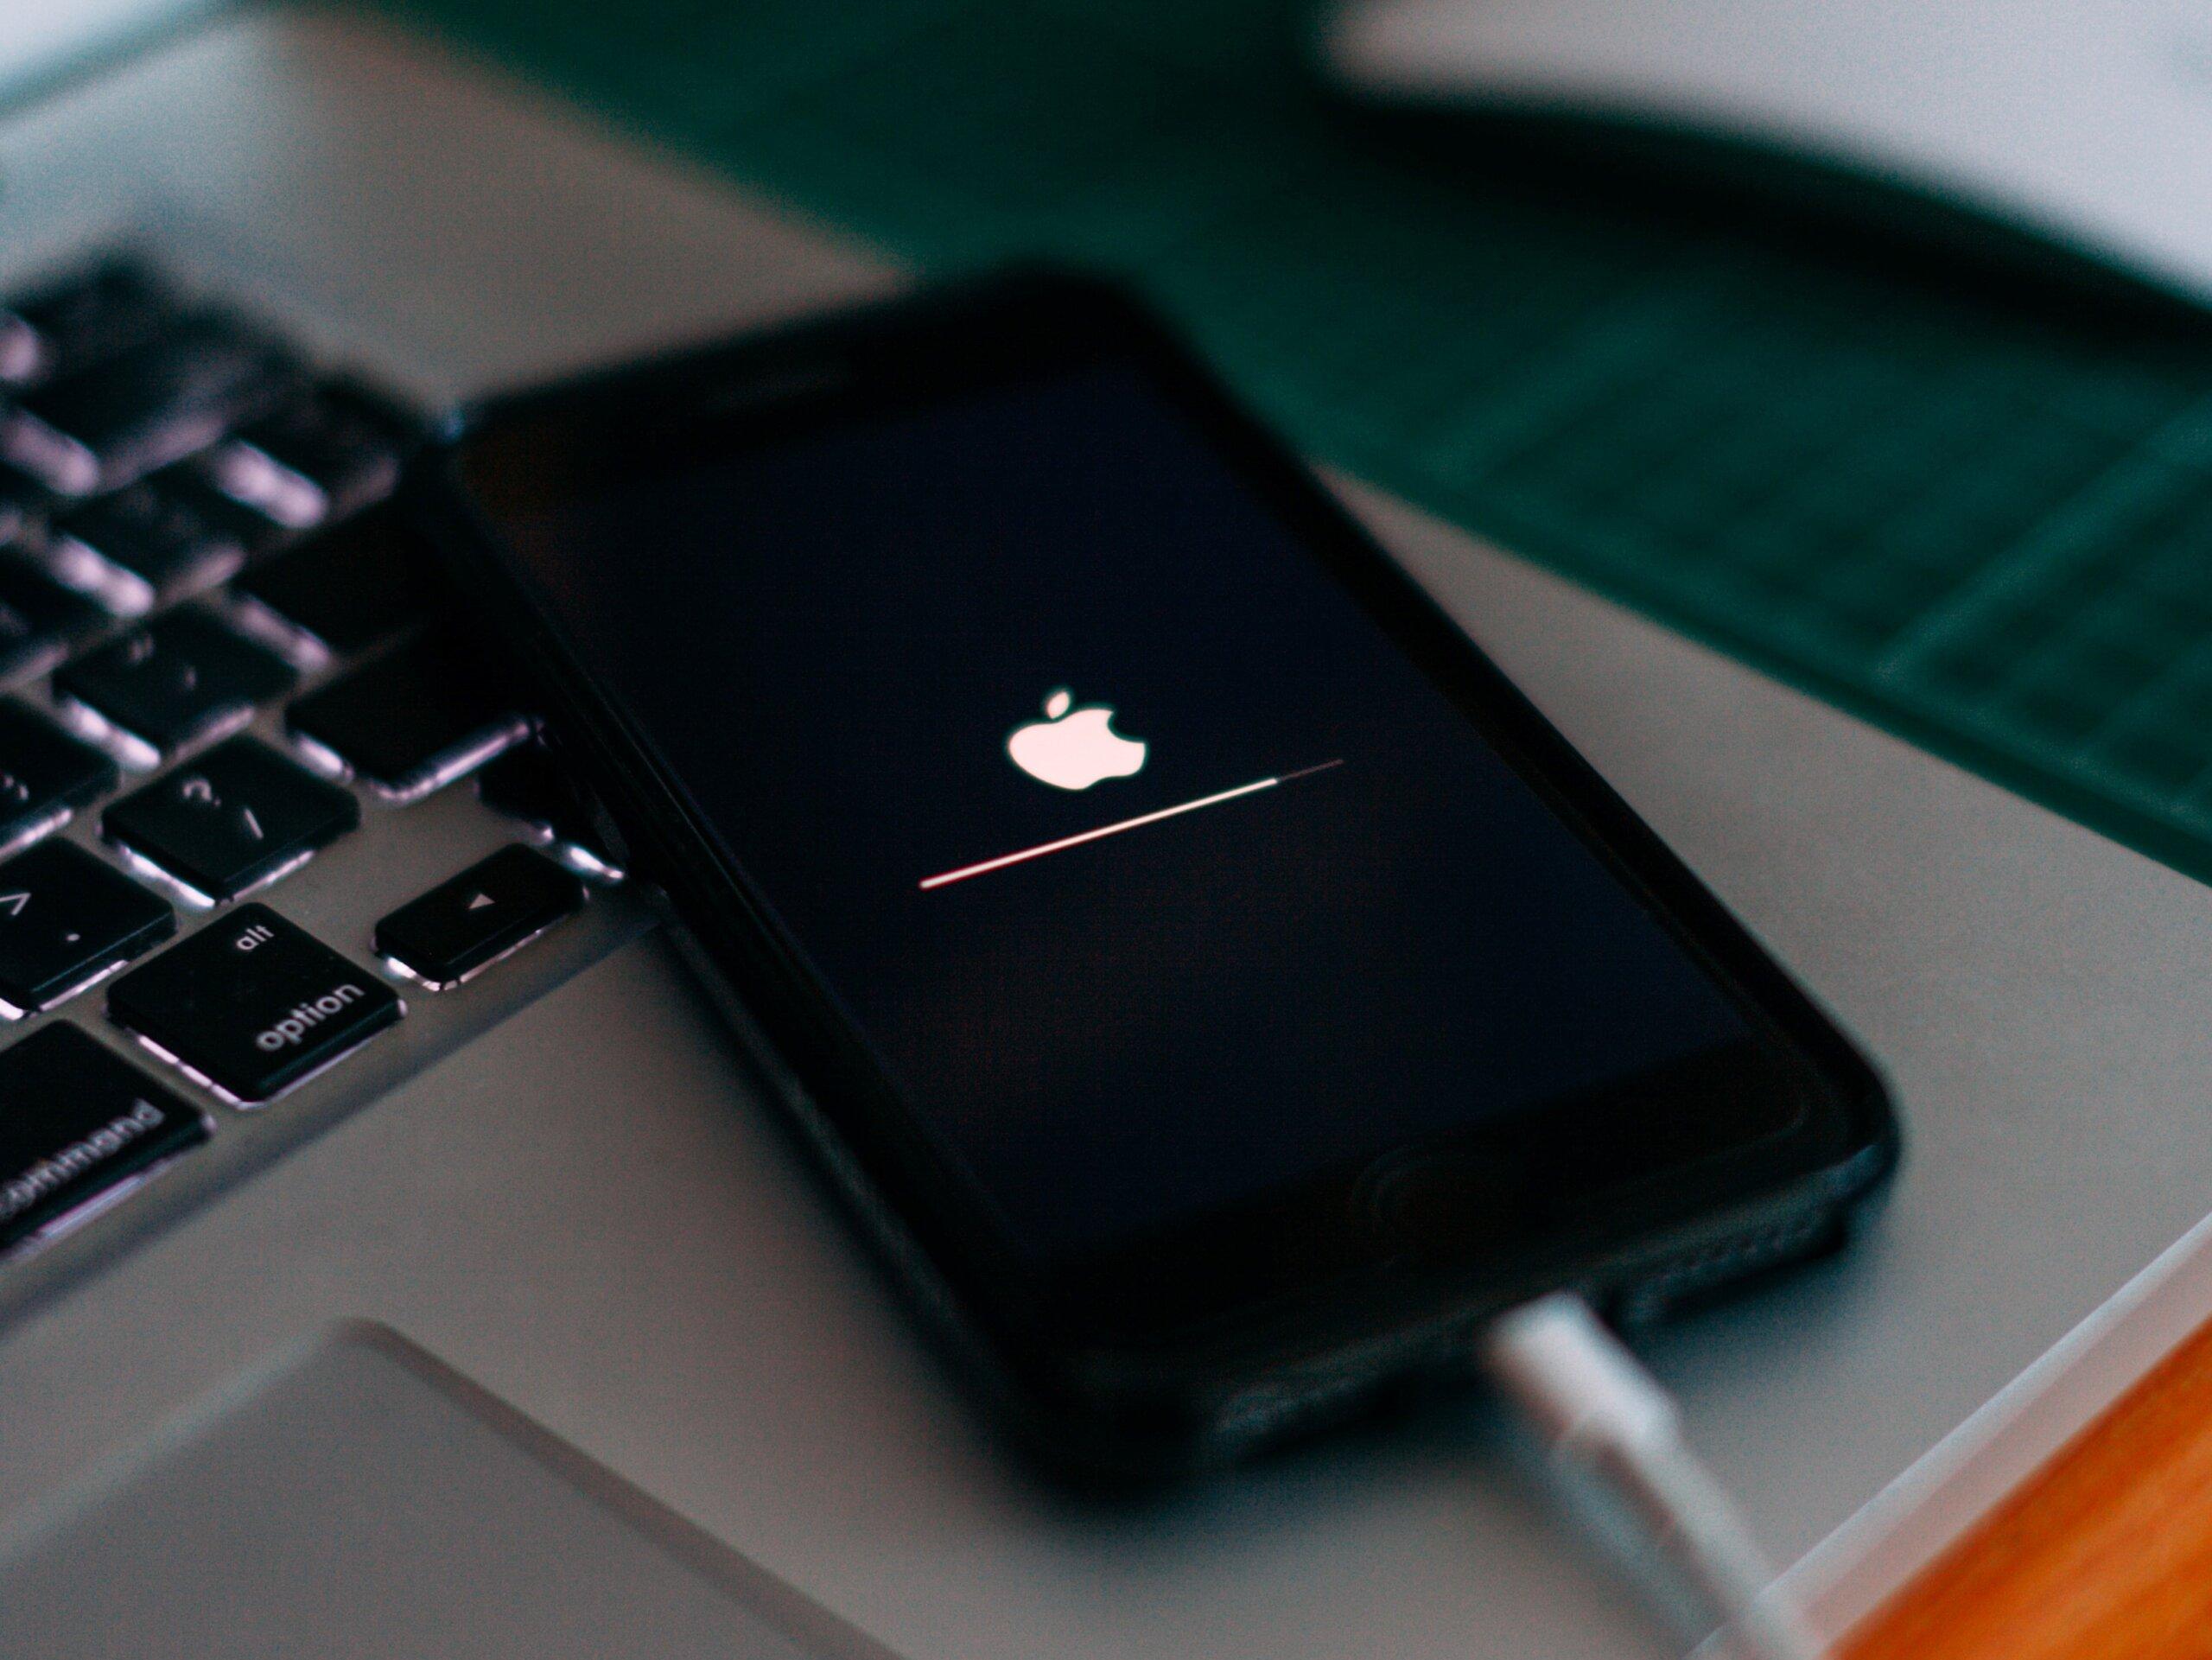 Hướng dẫn chi tiết cách cập nhật iOS lên phiên bản mới nhất